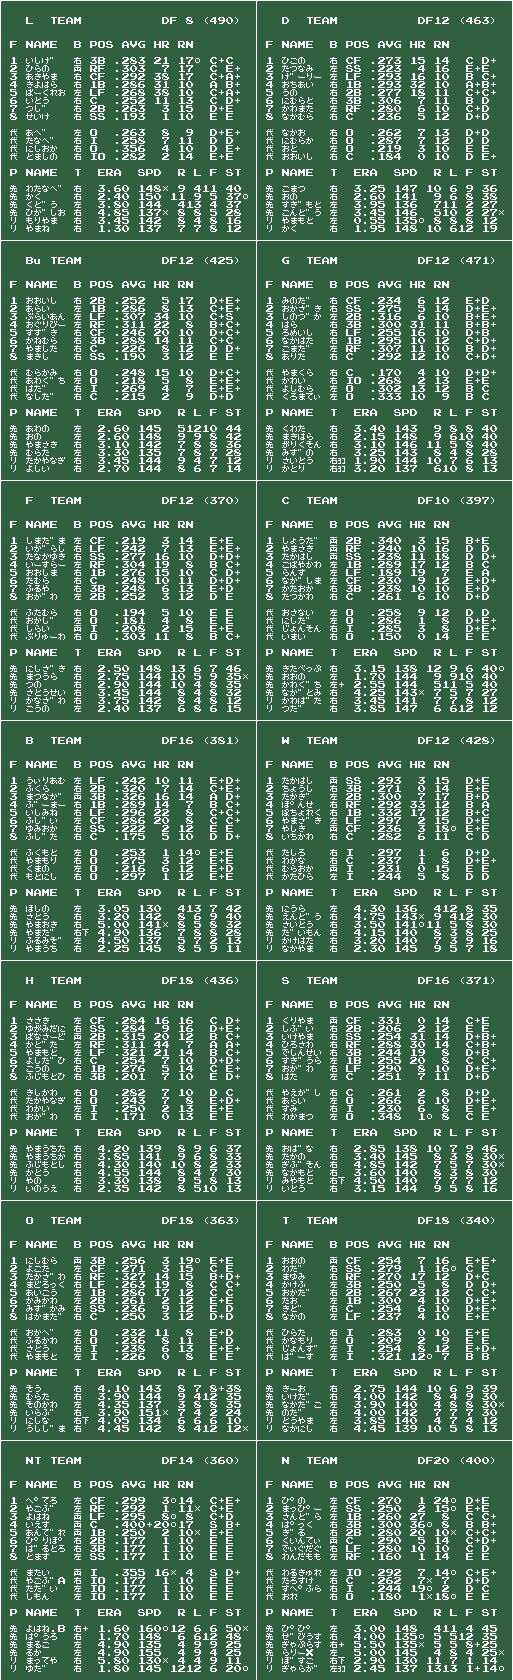 ファミスタ88 不惑二冠 v2010/02/01 チームデータ